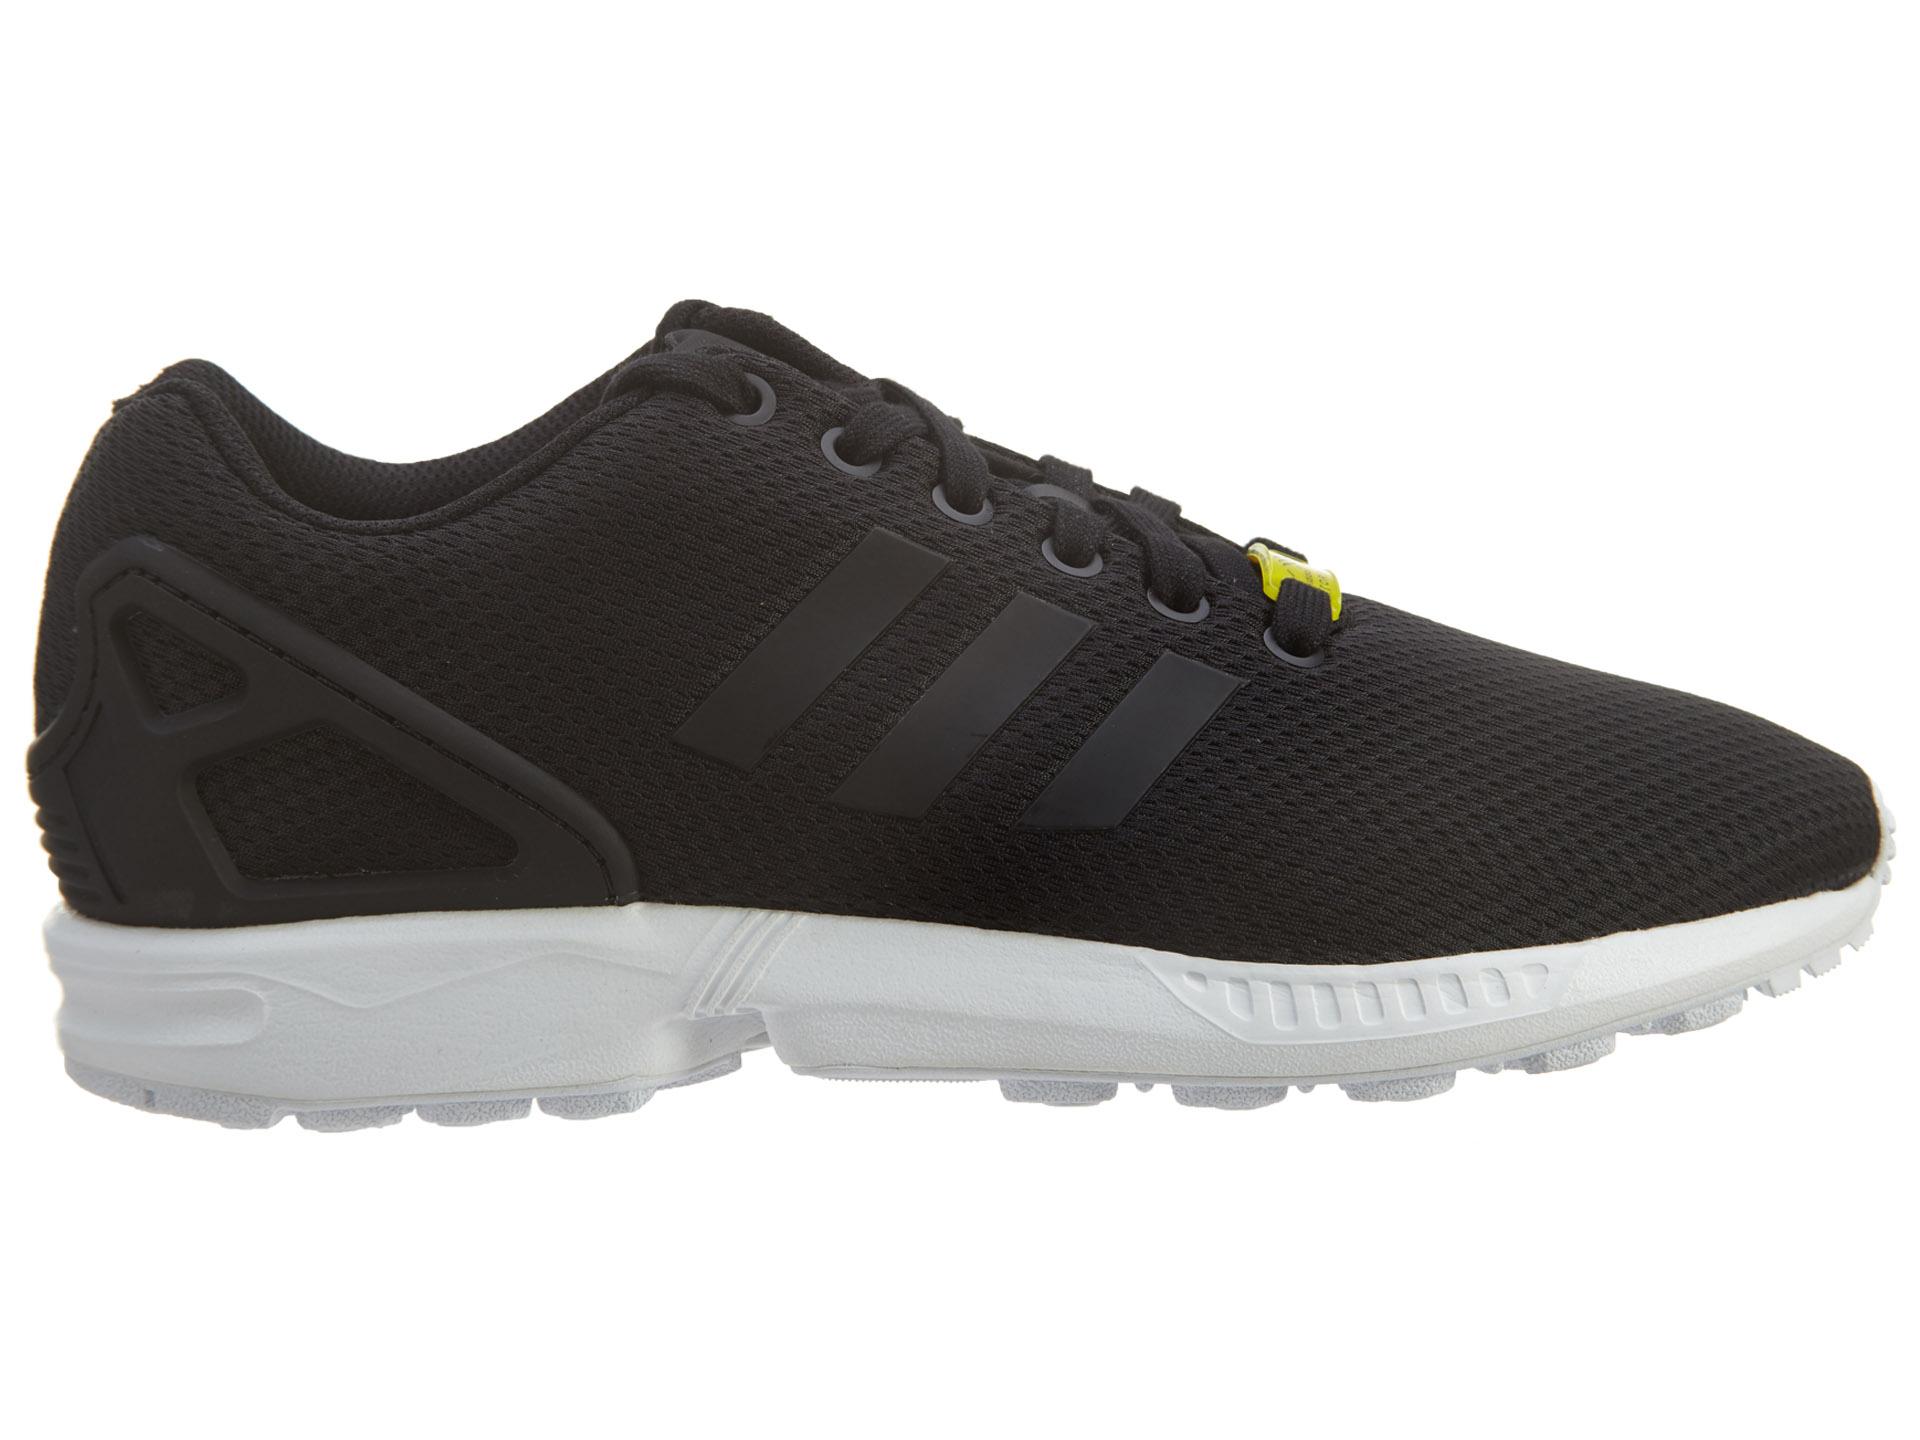 adidas Zx Flux Black/White